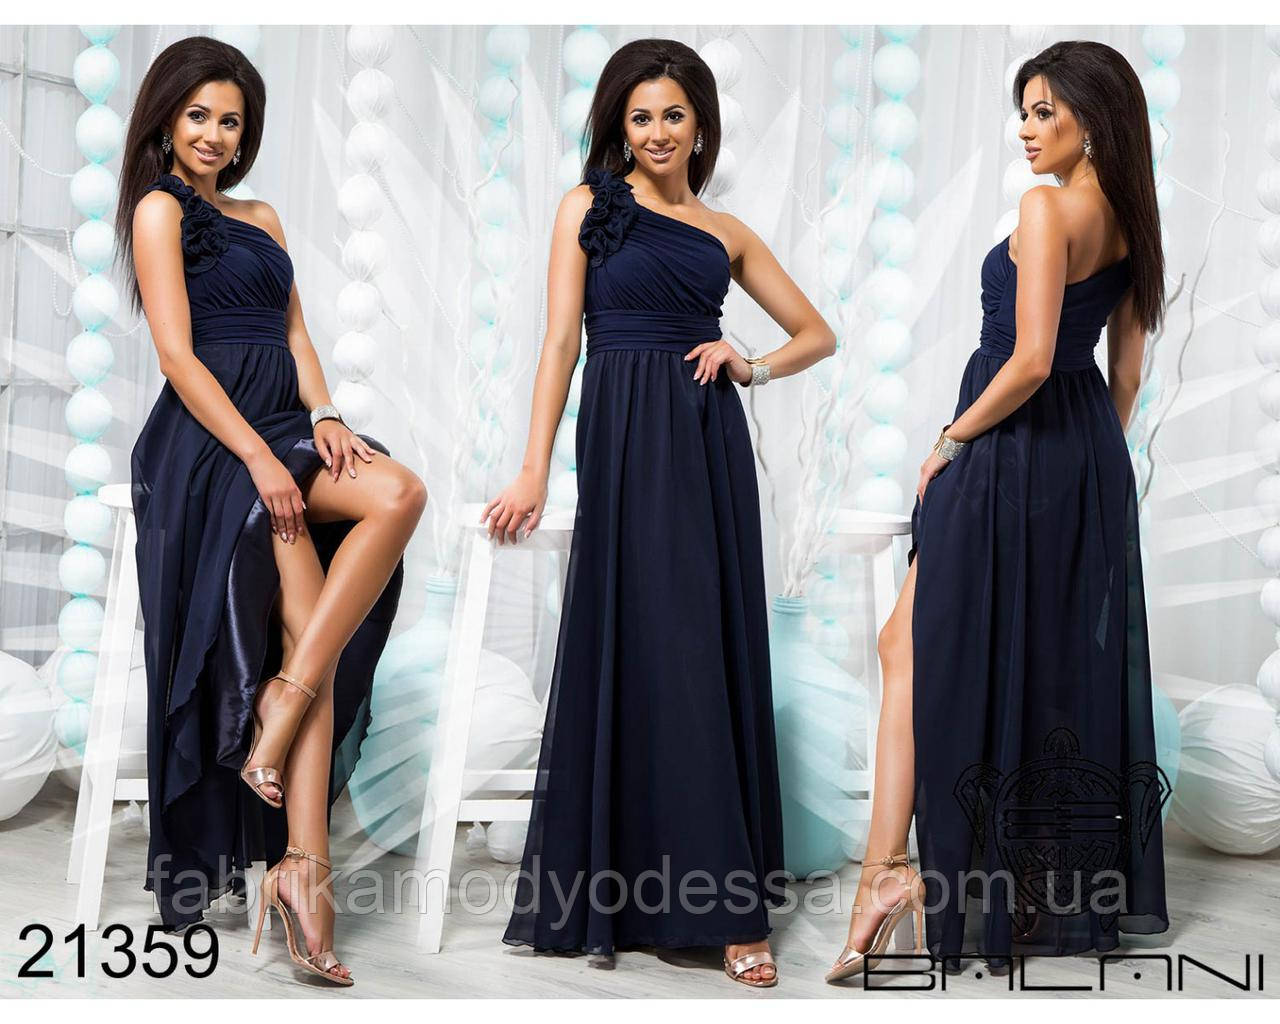 020931a2e6ee Нарядное вечернее платье на одно плечо Производитель Украина  интернет-магазин Россия СНГ р.42-48